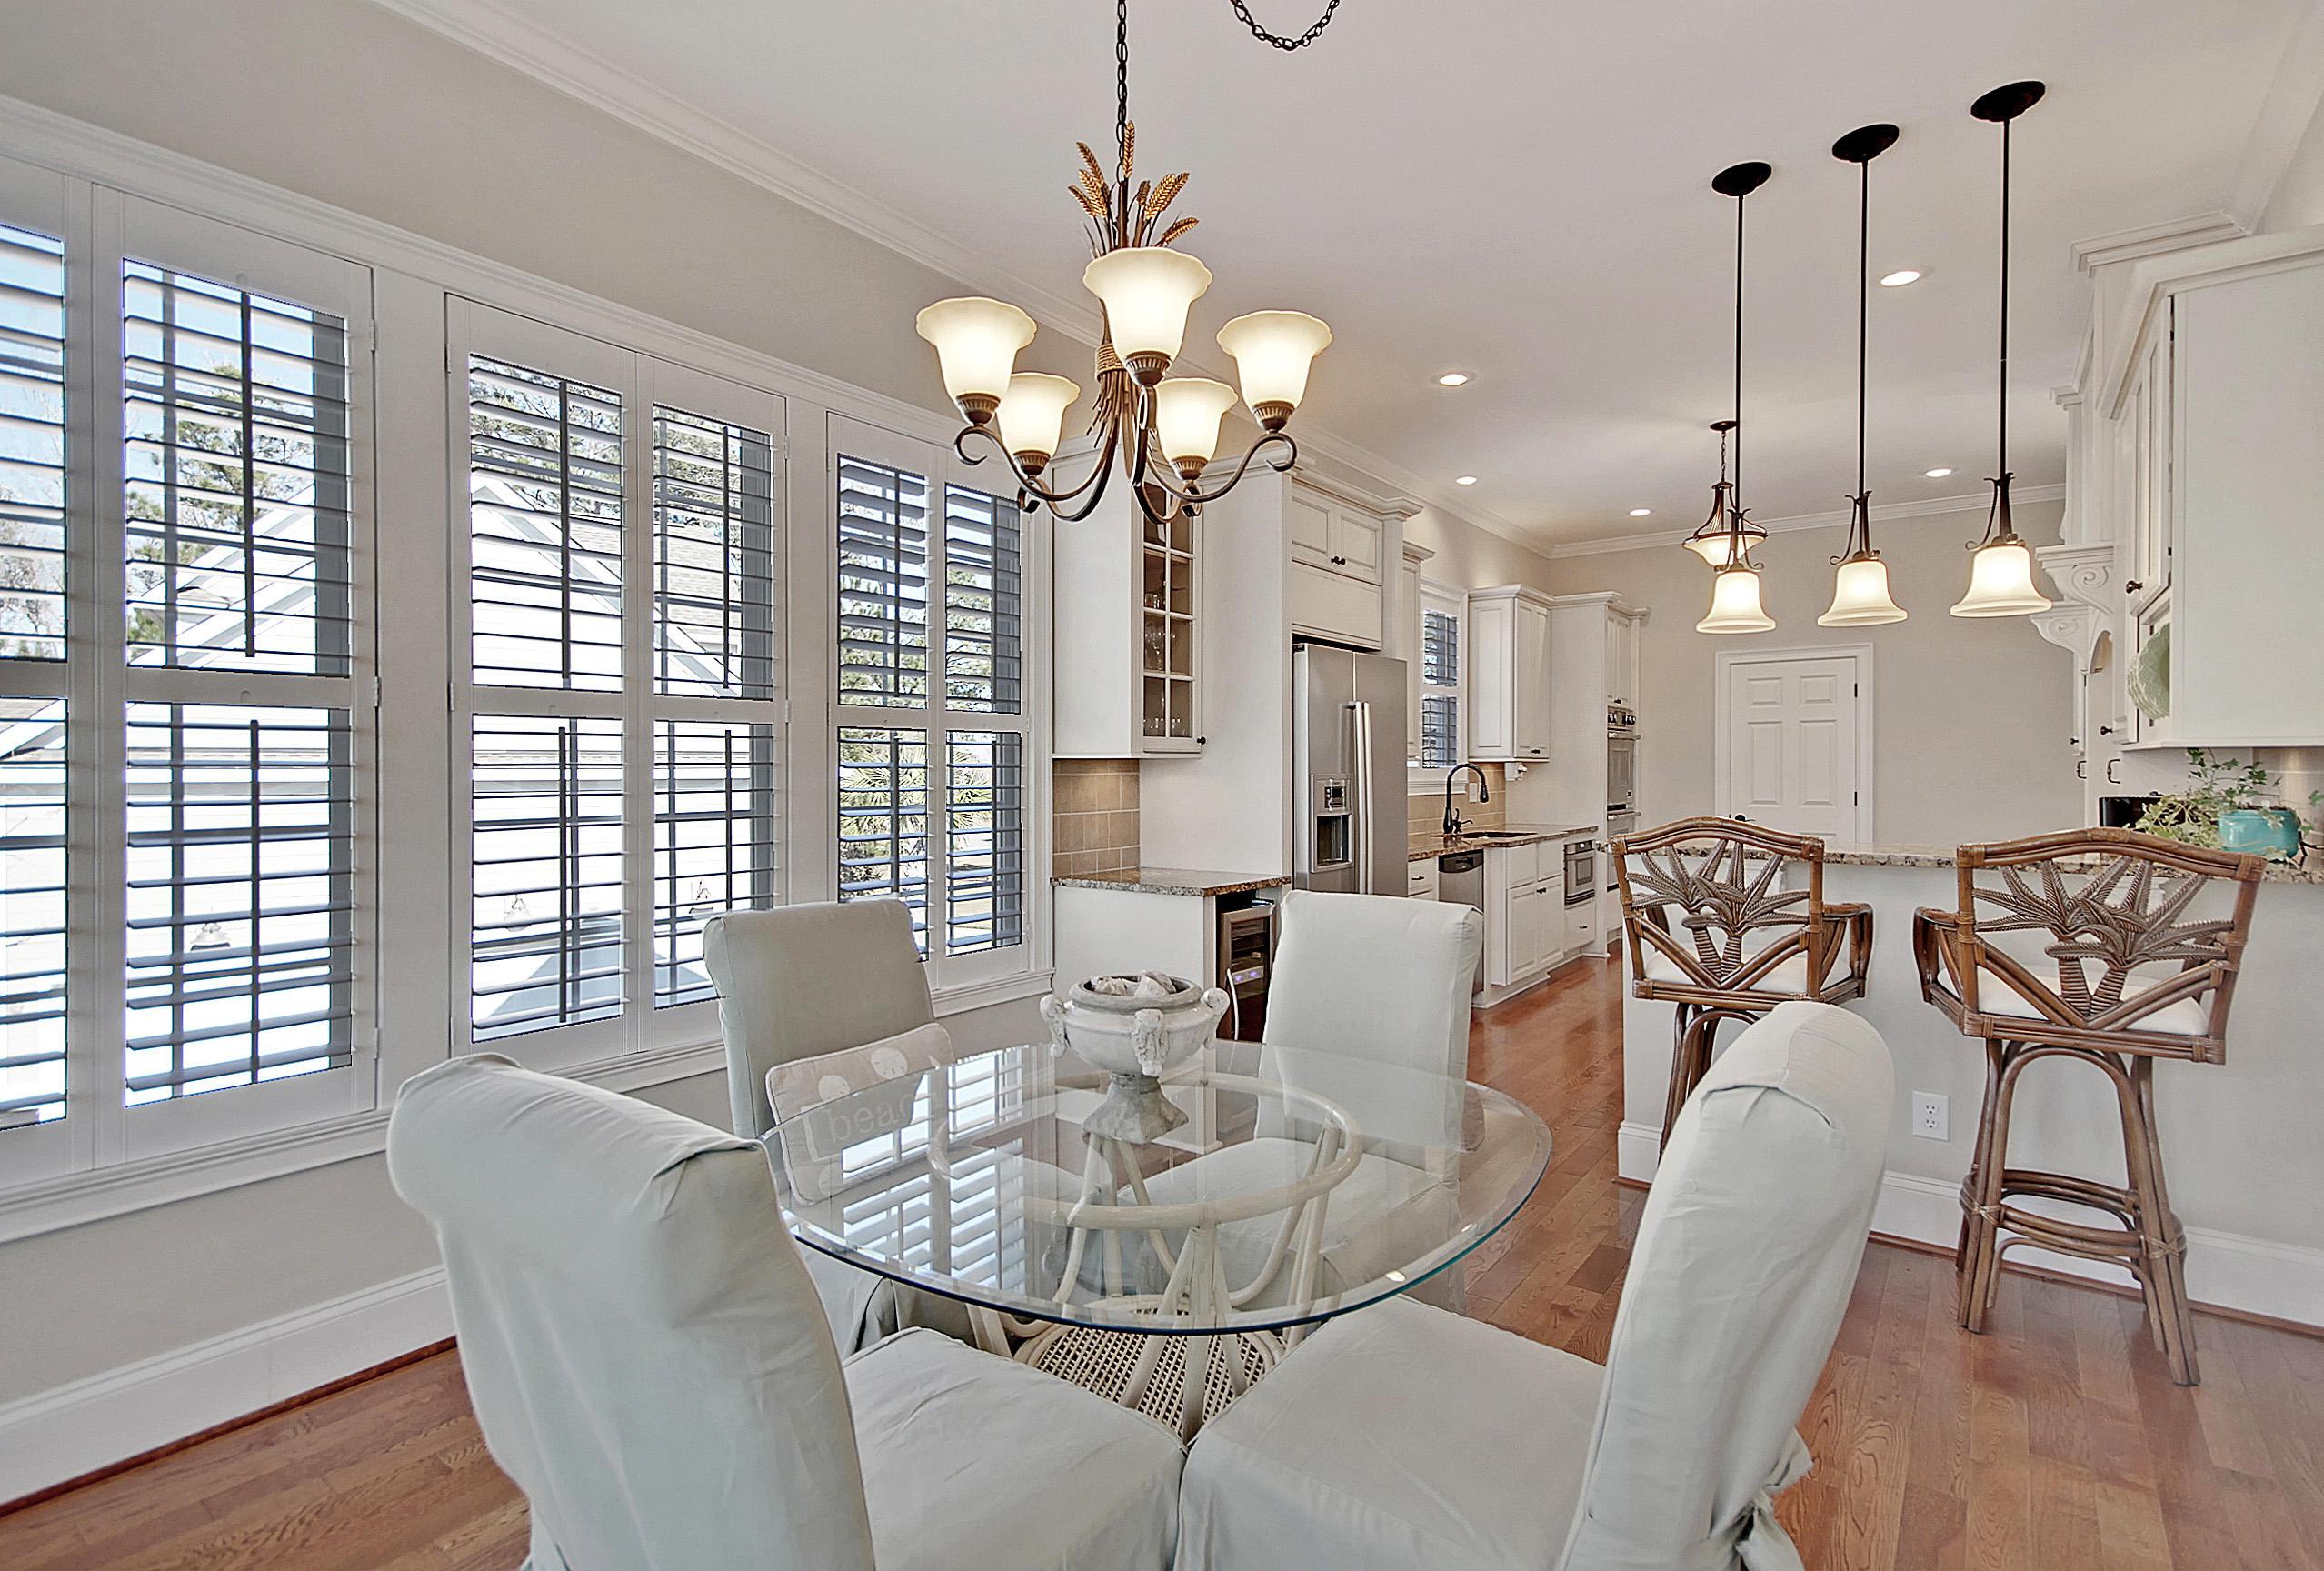 Dunes West Homes For Sale - 2721 Fountainhead, Mount Pleasant, SC - 54